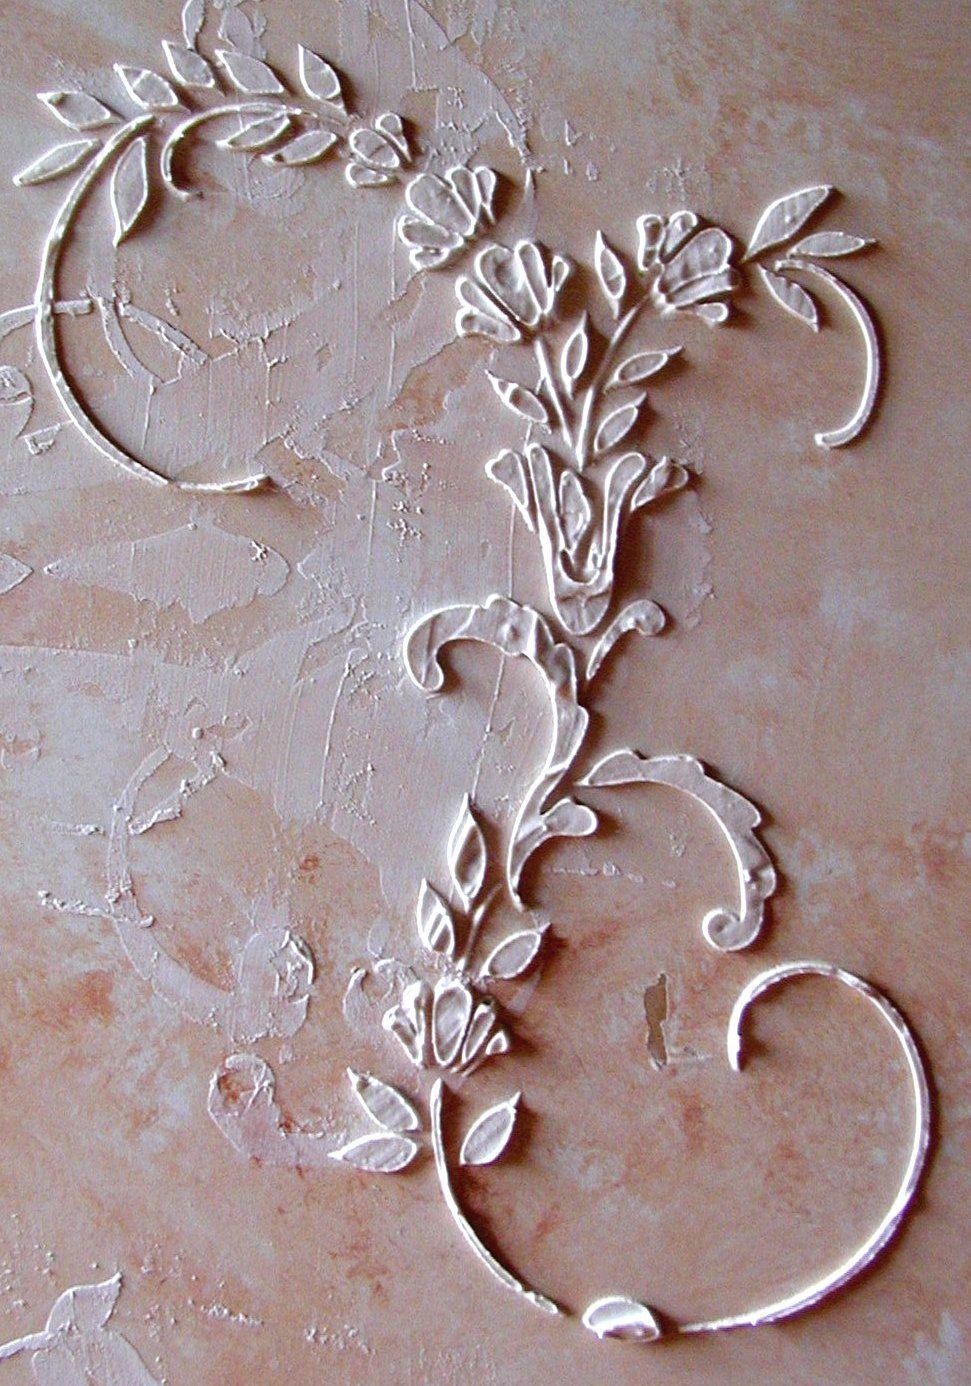 Raised Plaster Dresden Stencil Craft Stencil By Elegantstencils Stencil Furniture Stencil Crafts Stencils Wall